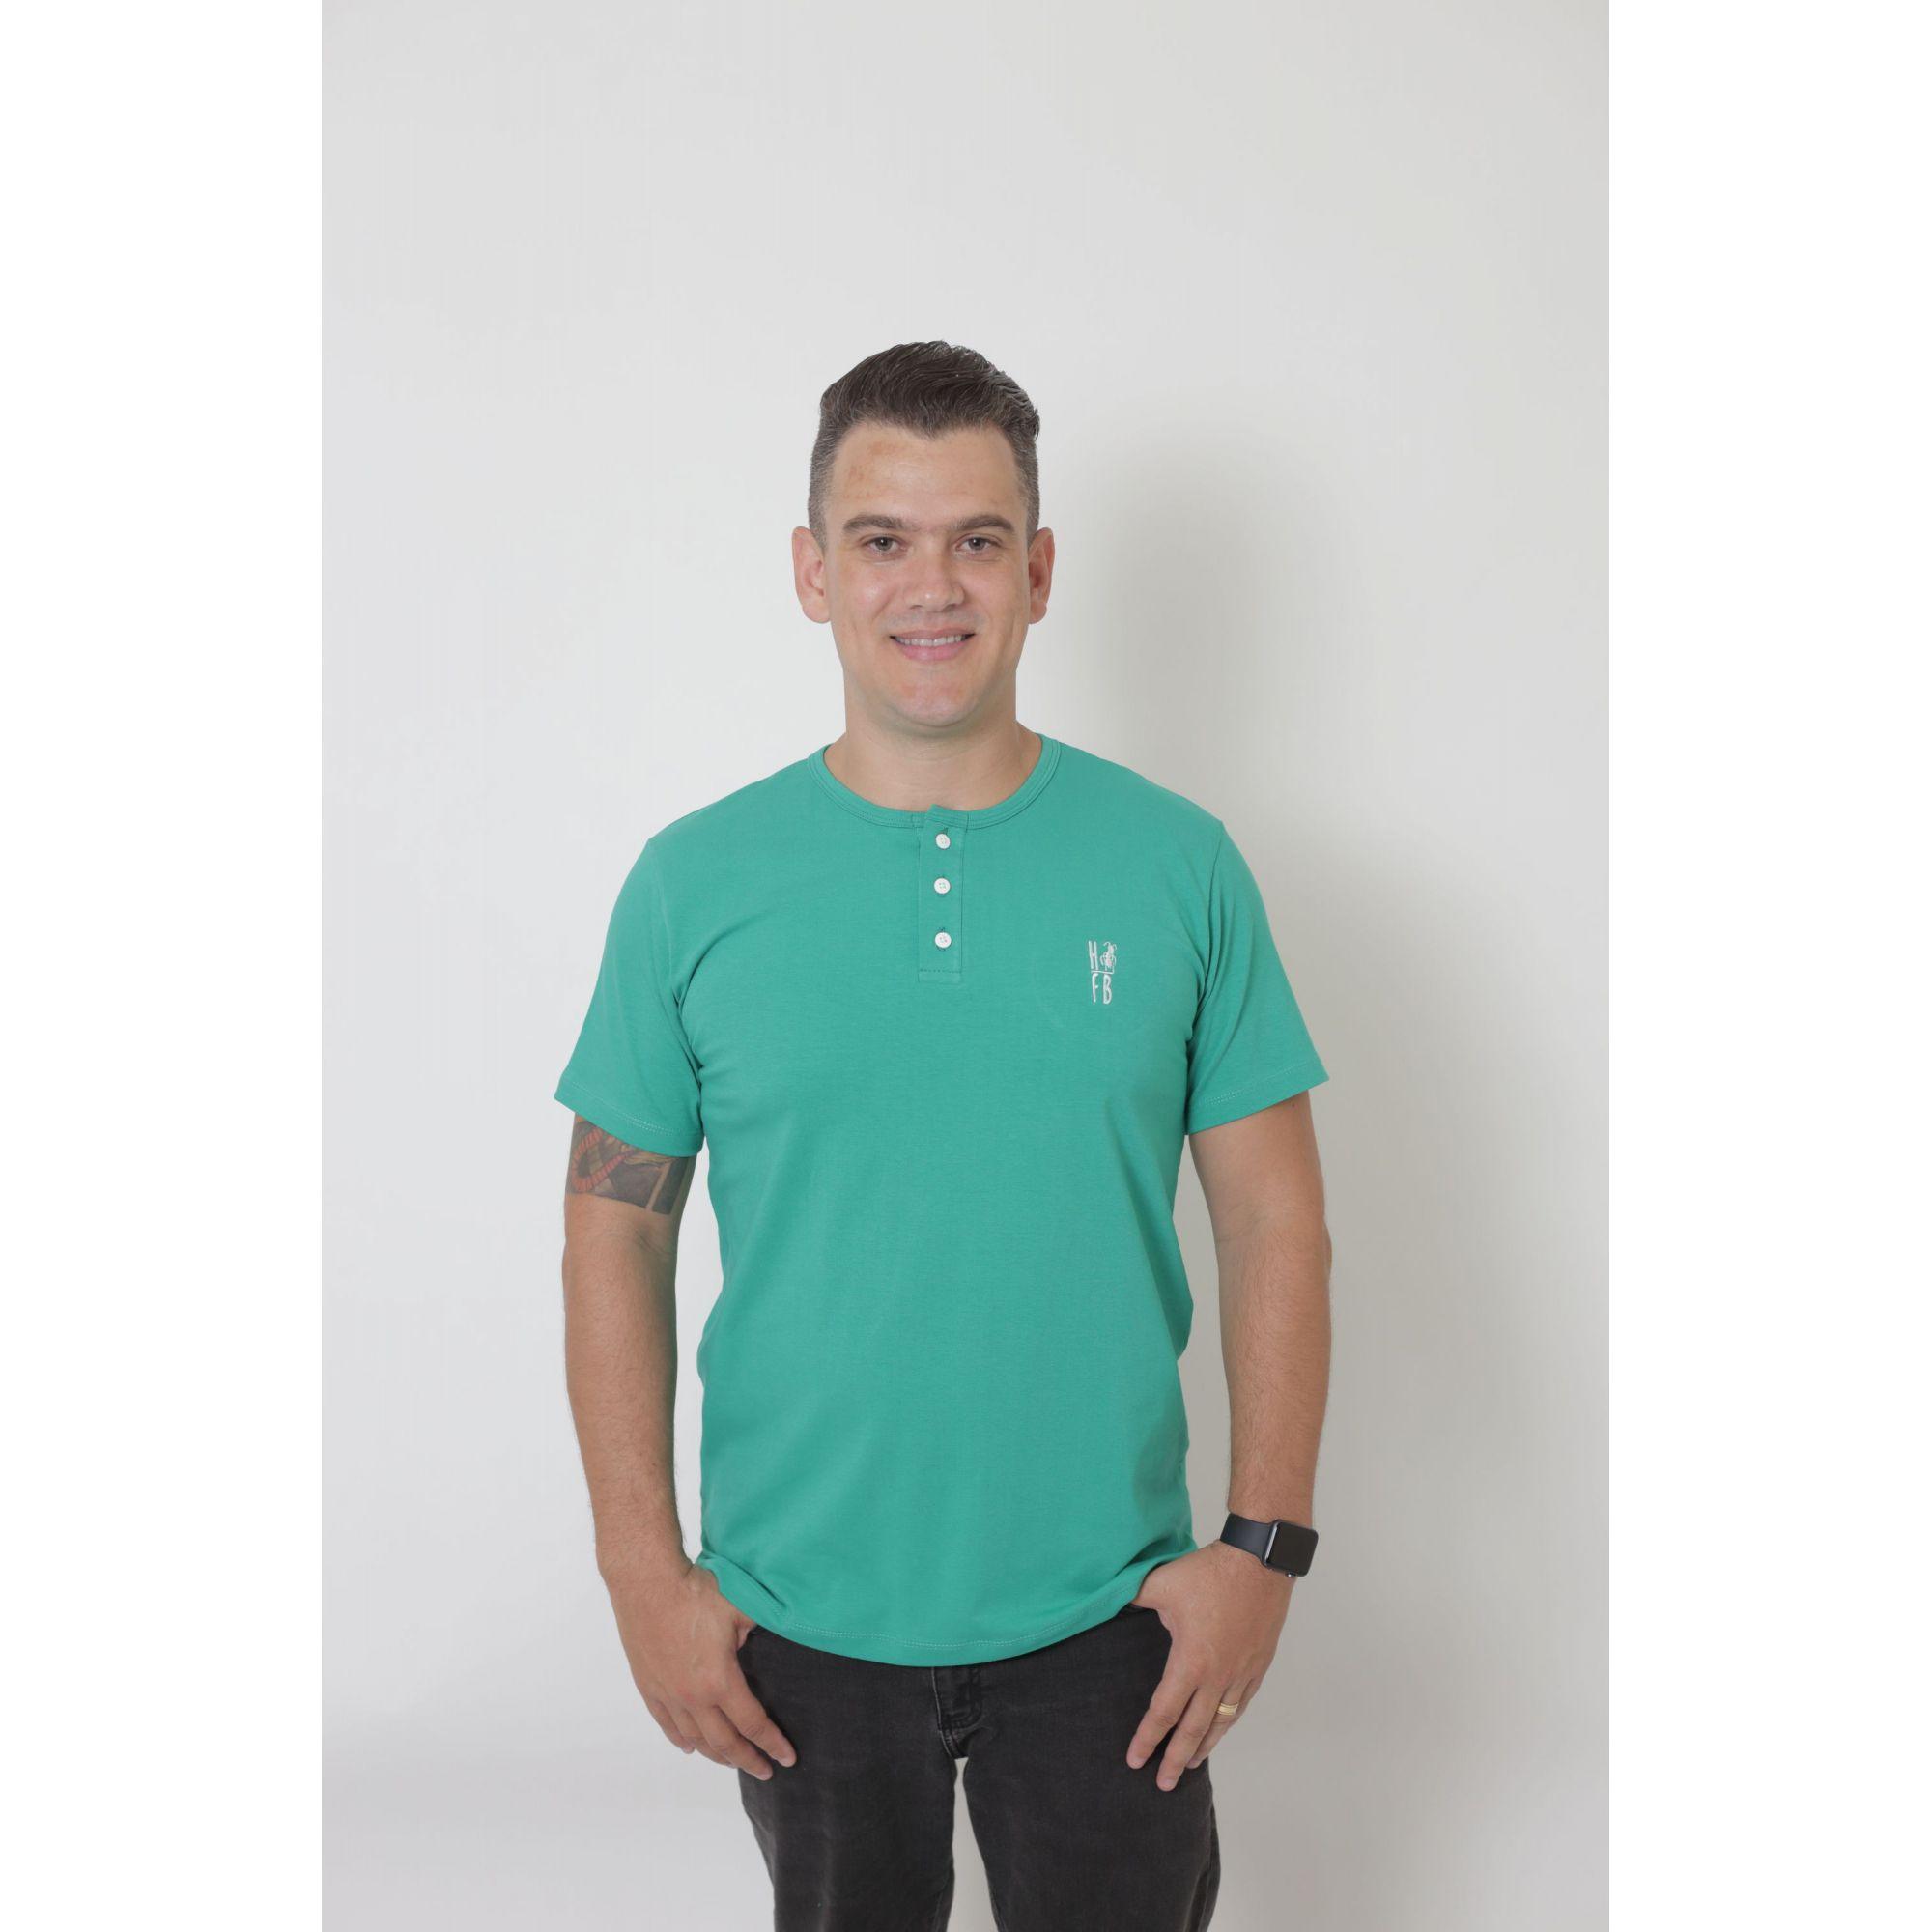 PAI E FILHOS > 02 Peças - T-Shirt + Body Unissex Henley - Verde Jade  [Coleção Tal Pai Tal Filho]  - Heitor Fashion Brazil